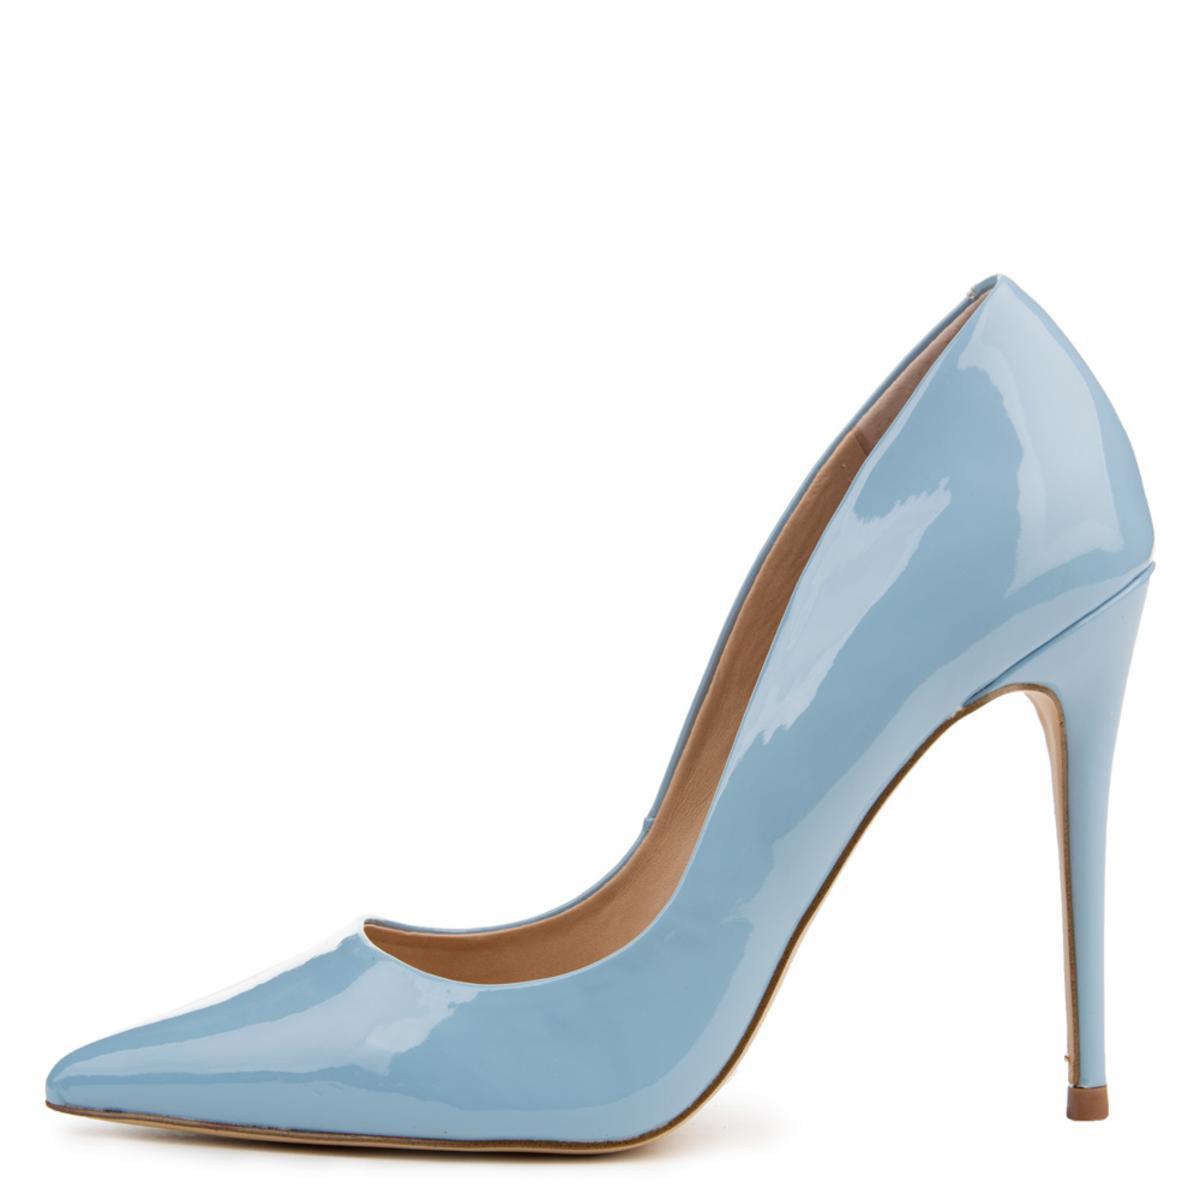 Steve Madden Leather Daisie High Heel